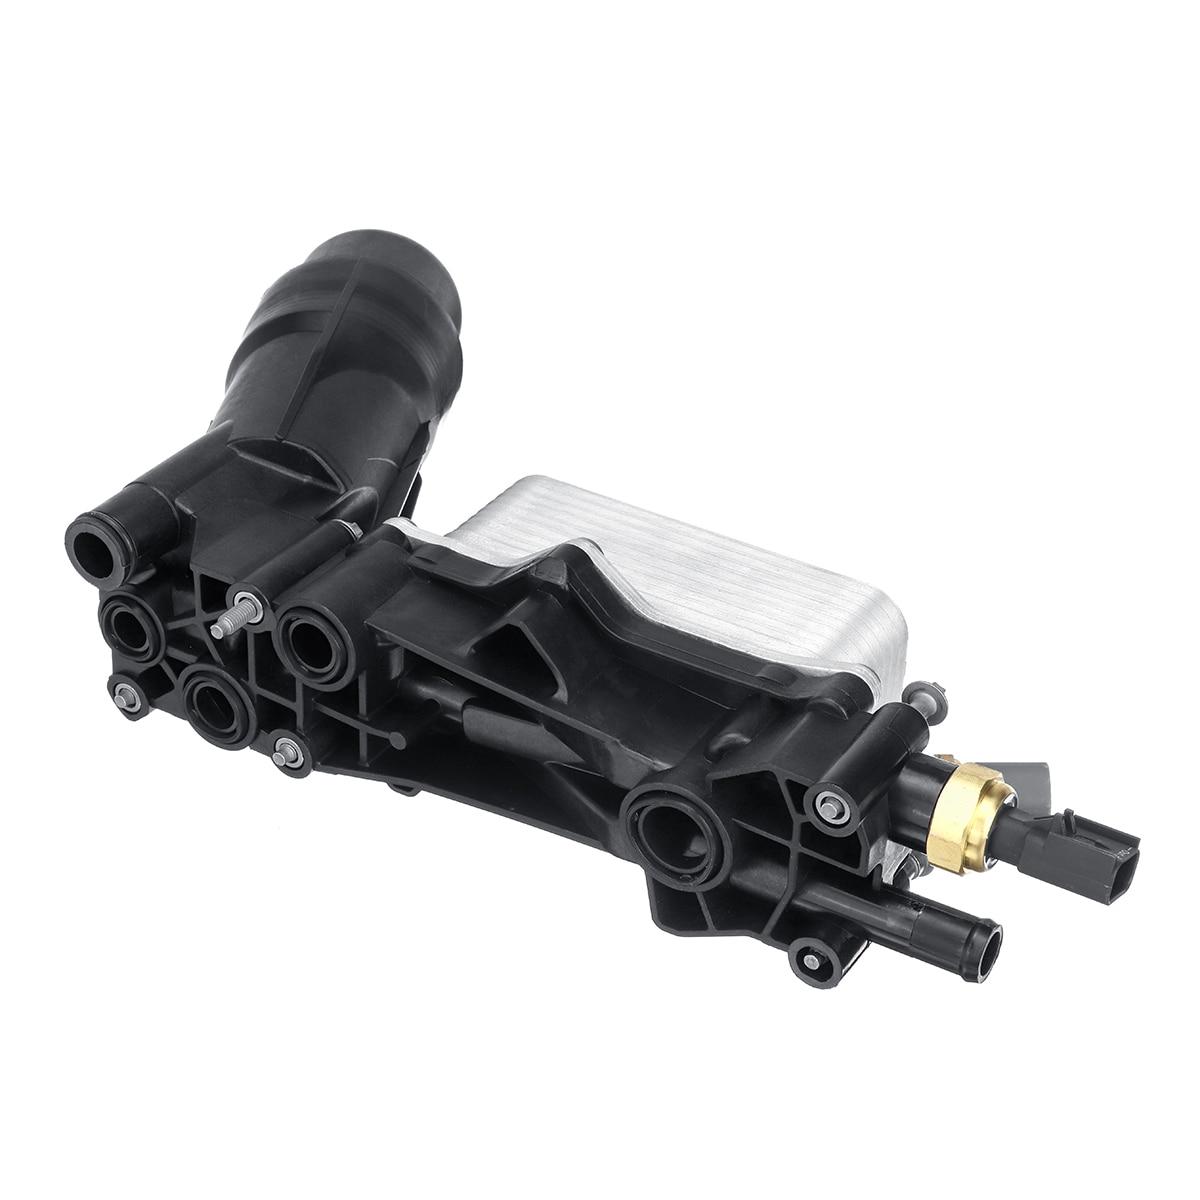 車のエンジンオイルフィルターアダプターのためのジープのためのダッジクライスラー 3.6 V6 2014 2015 2016 2017 68105583AF 68105583AB  グループ上の 自動車 &バイク からの オイルクーラー の中 2